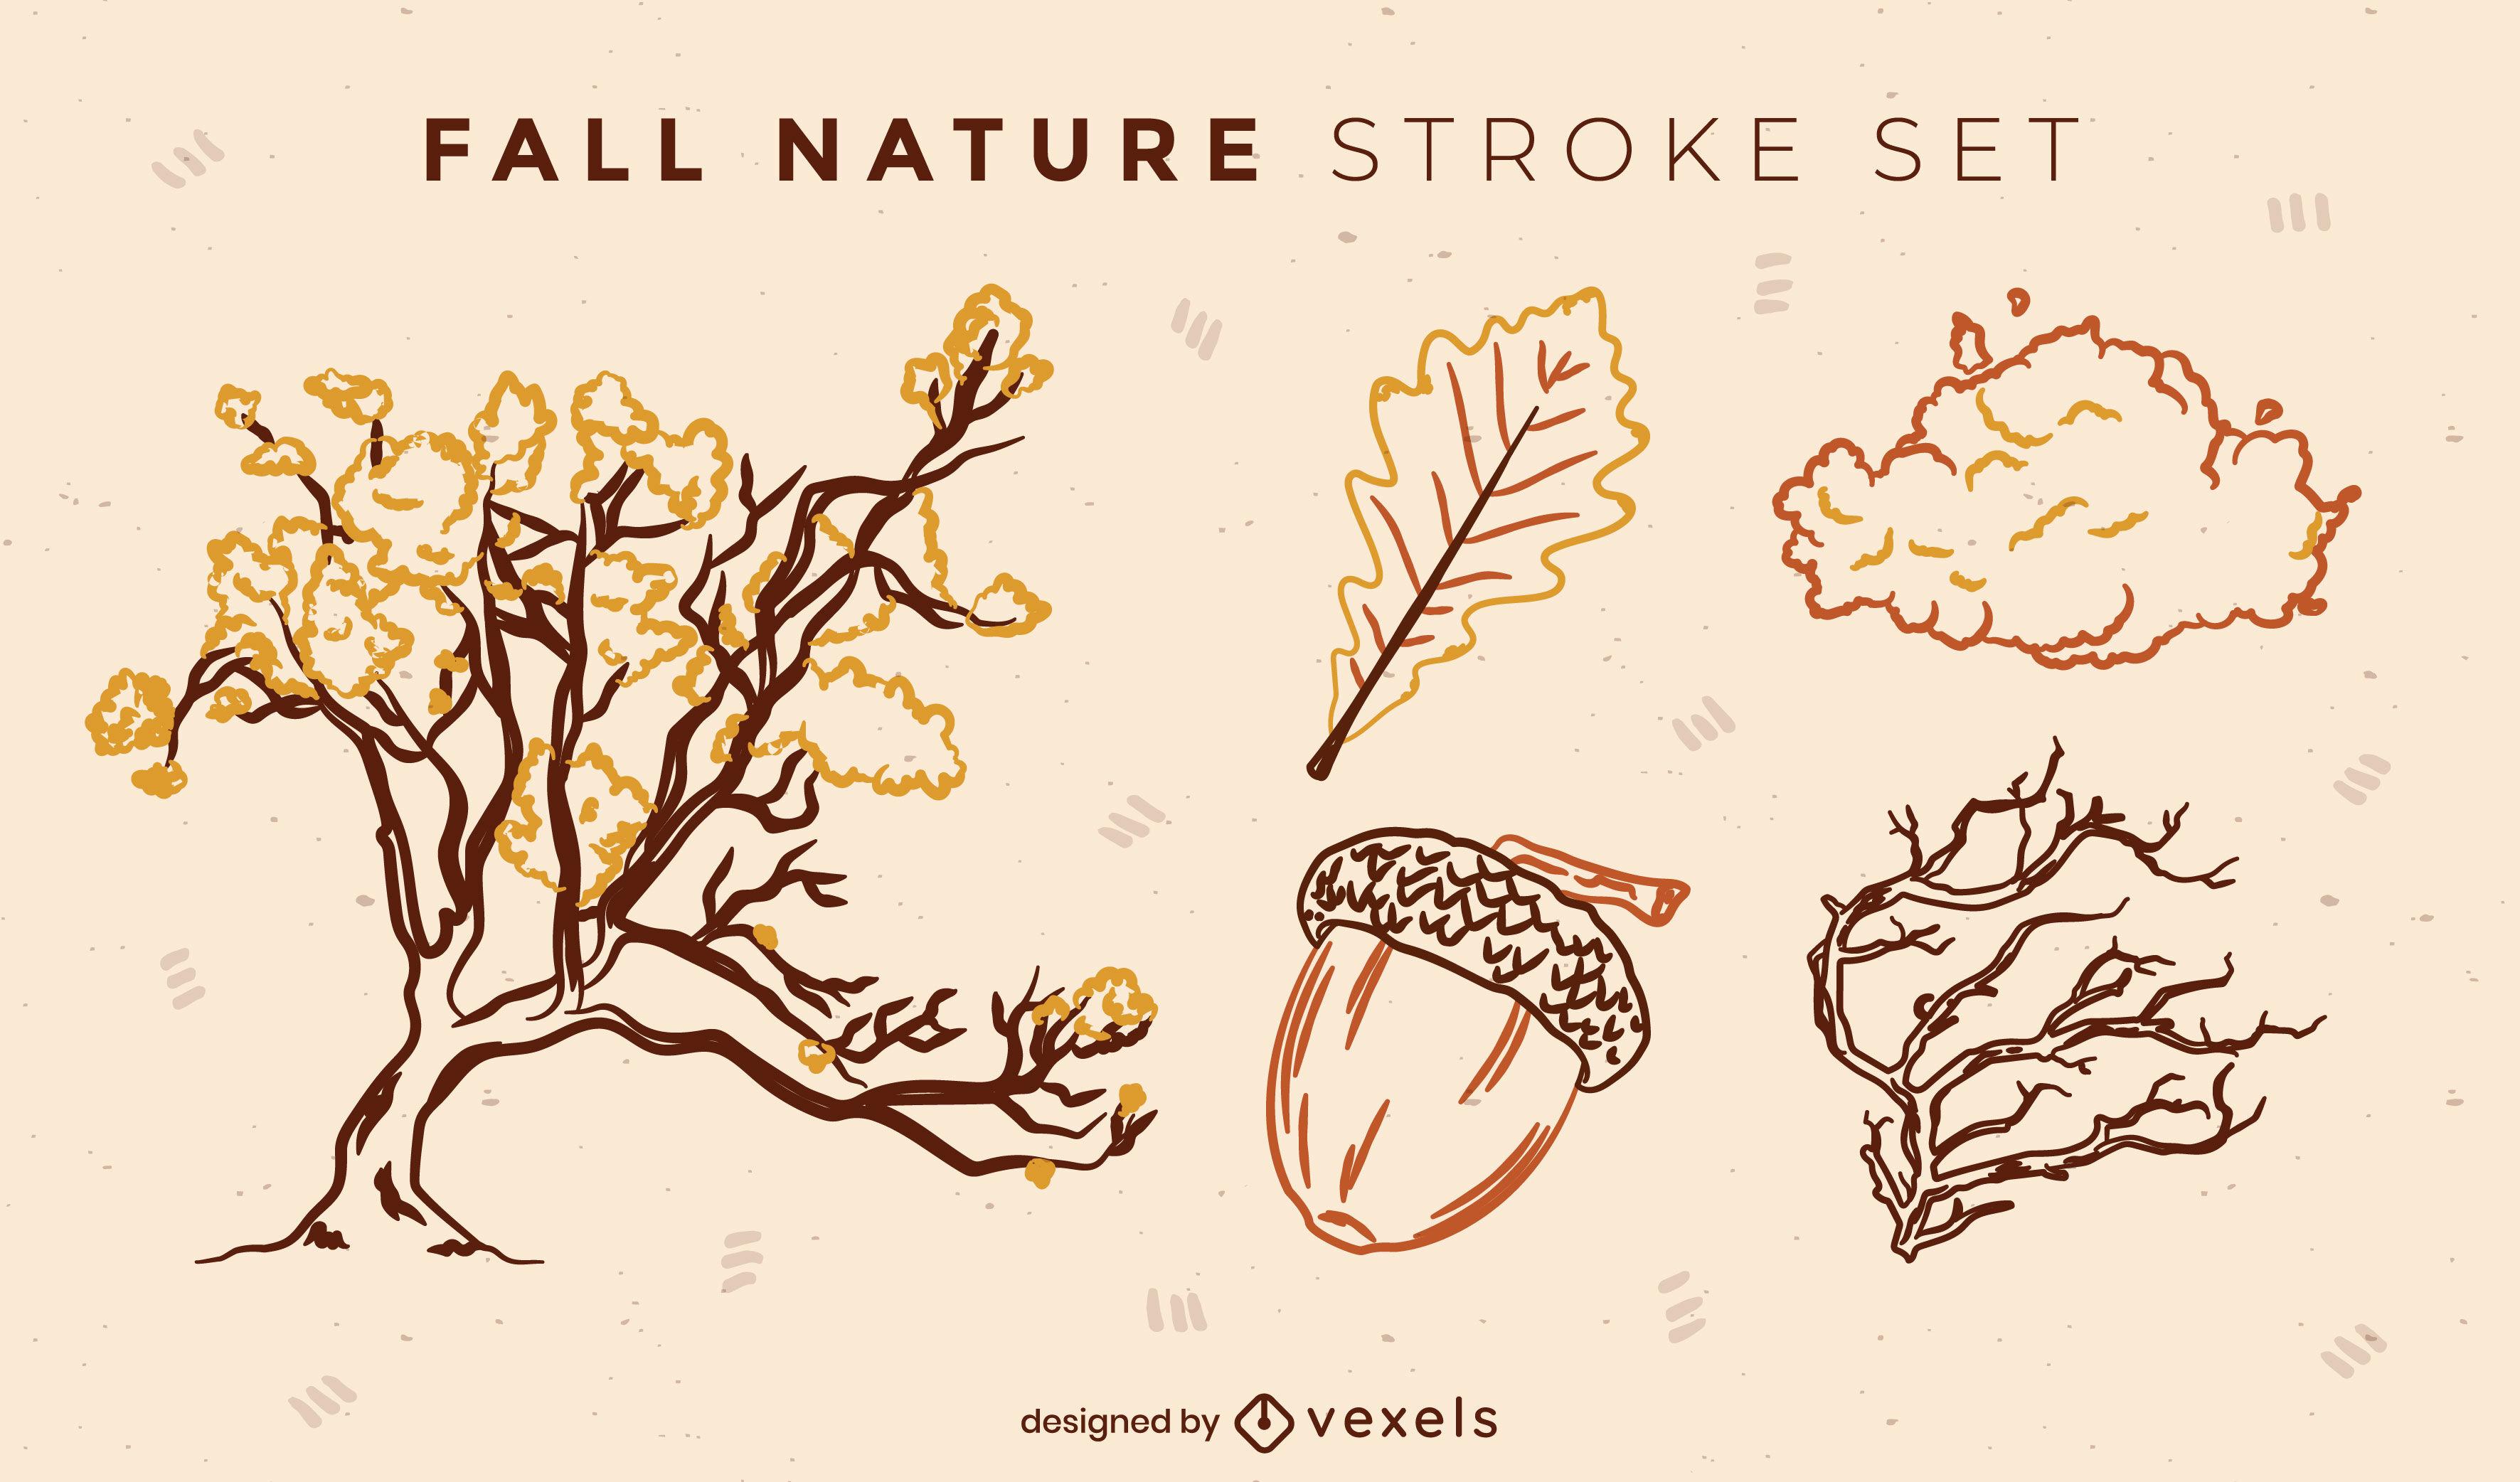 Autumn elements doodle set